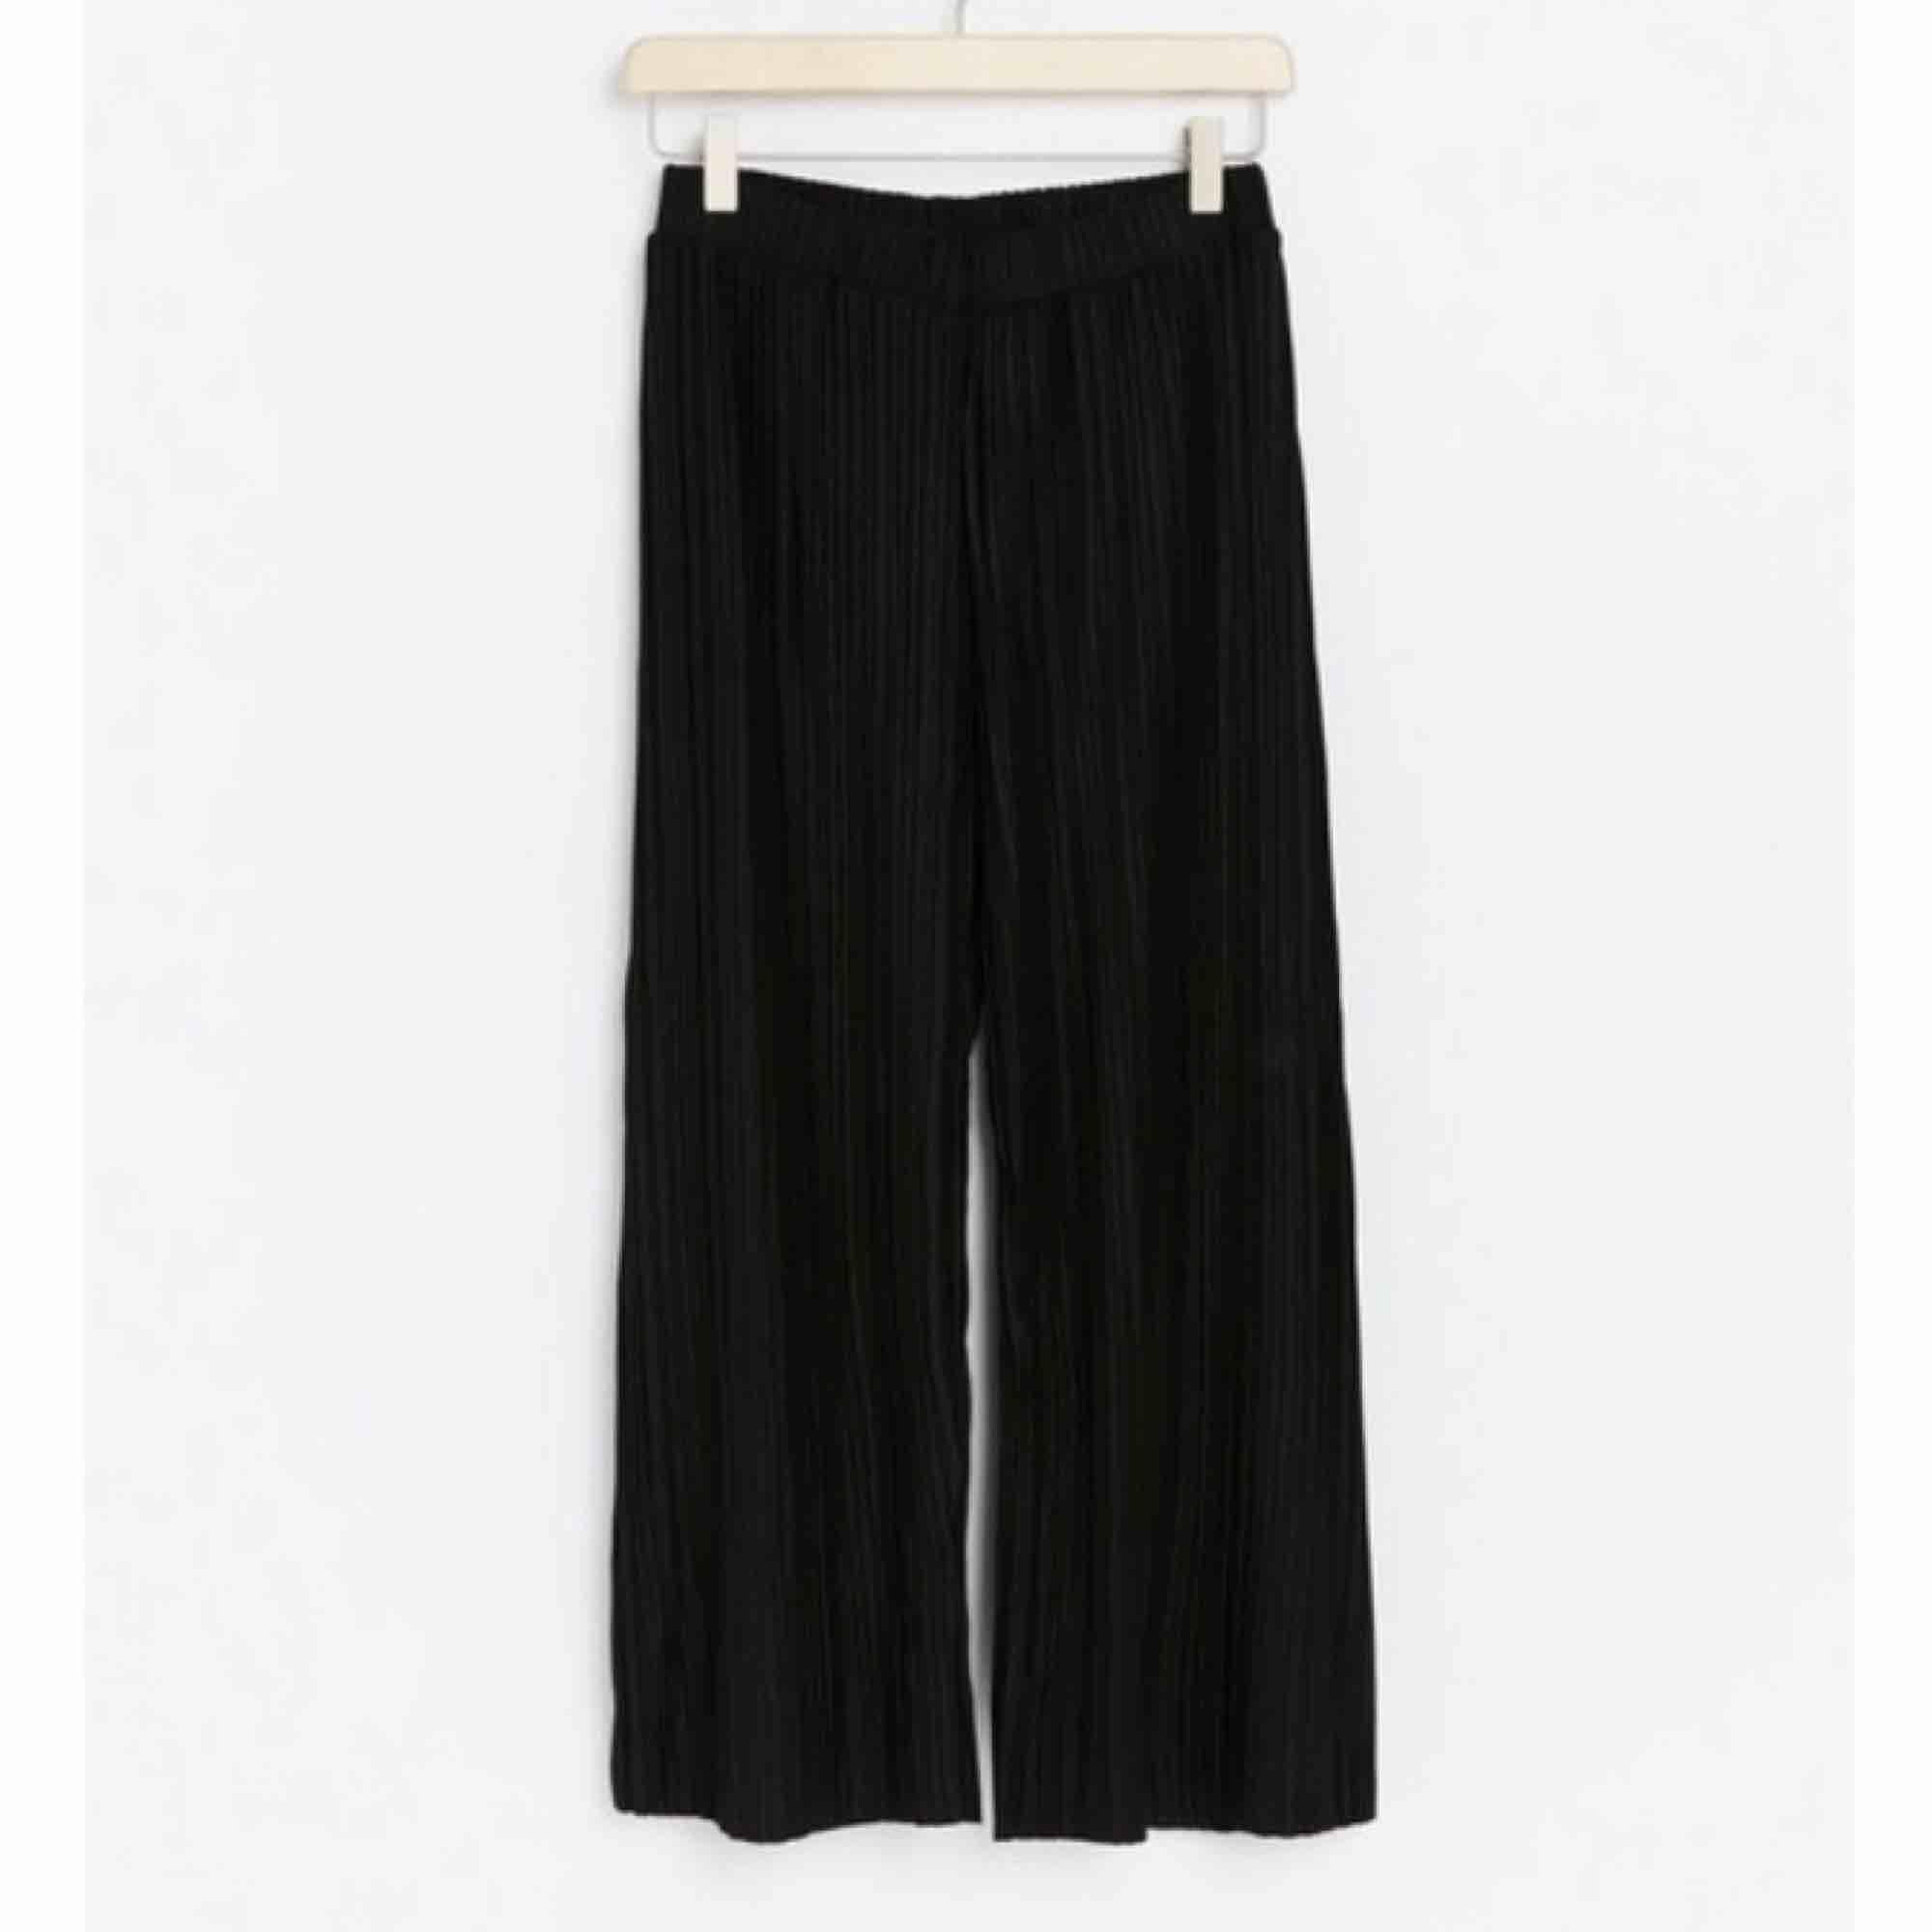 Plagget kan nog passa många storlekar beroende på vilken längd du vill ha! Orginal pris:249kr. Jeans & Byxor.